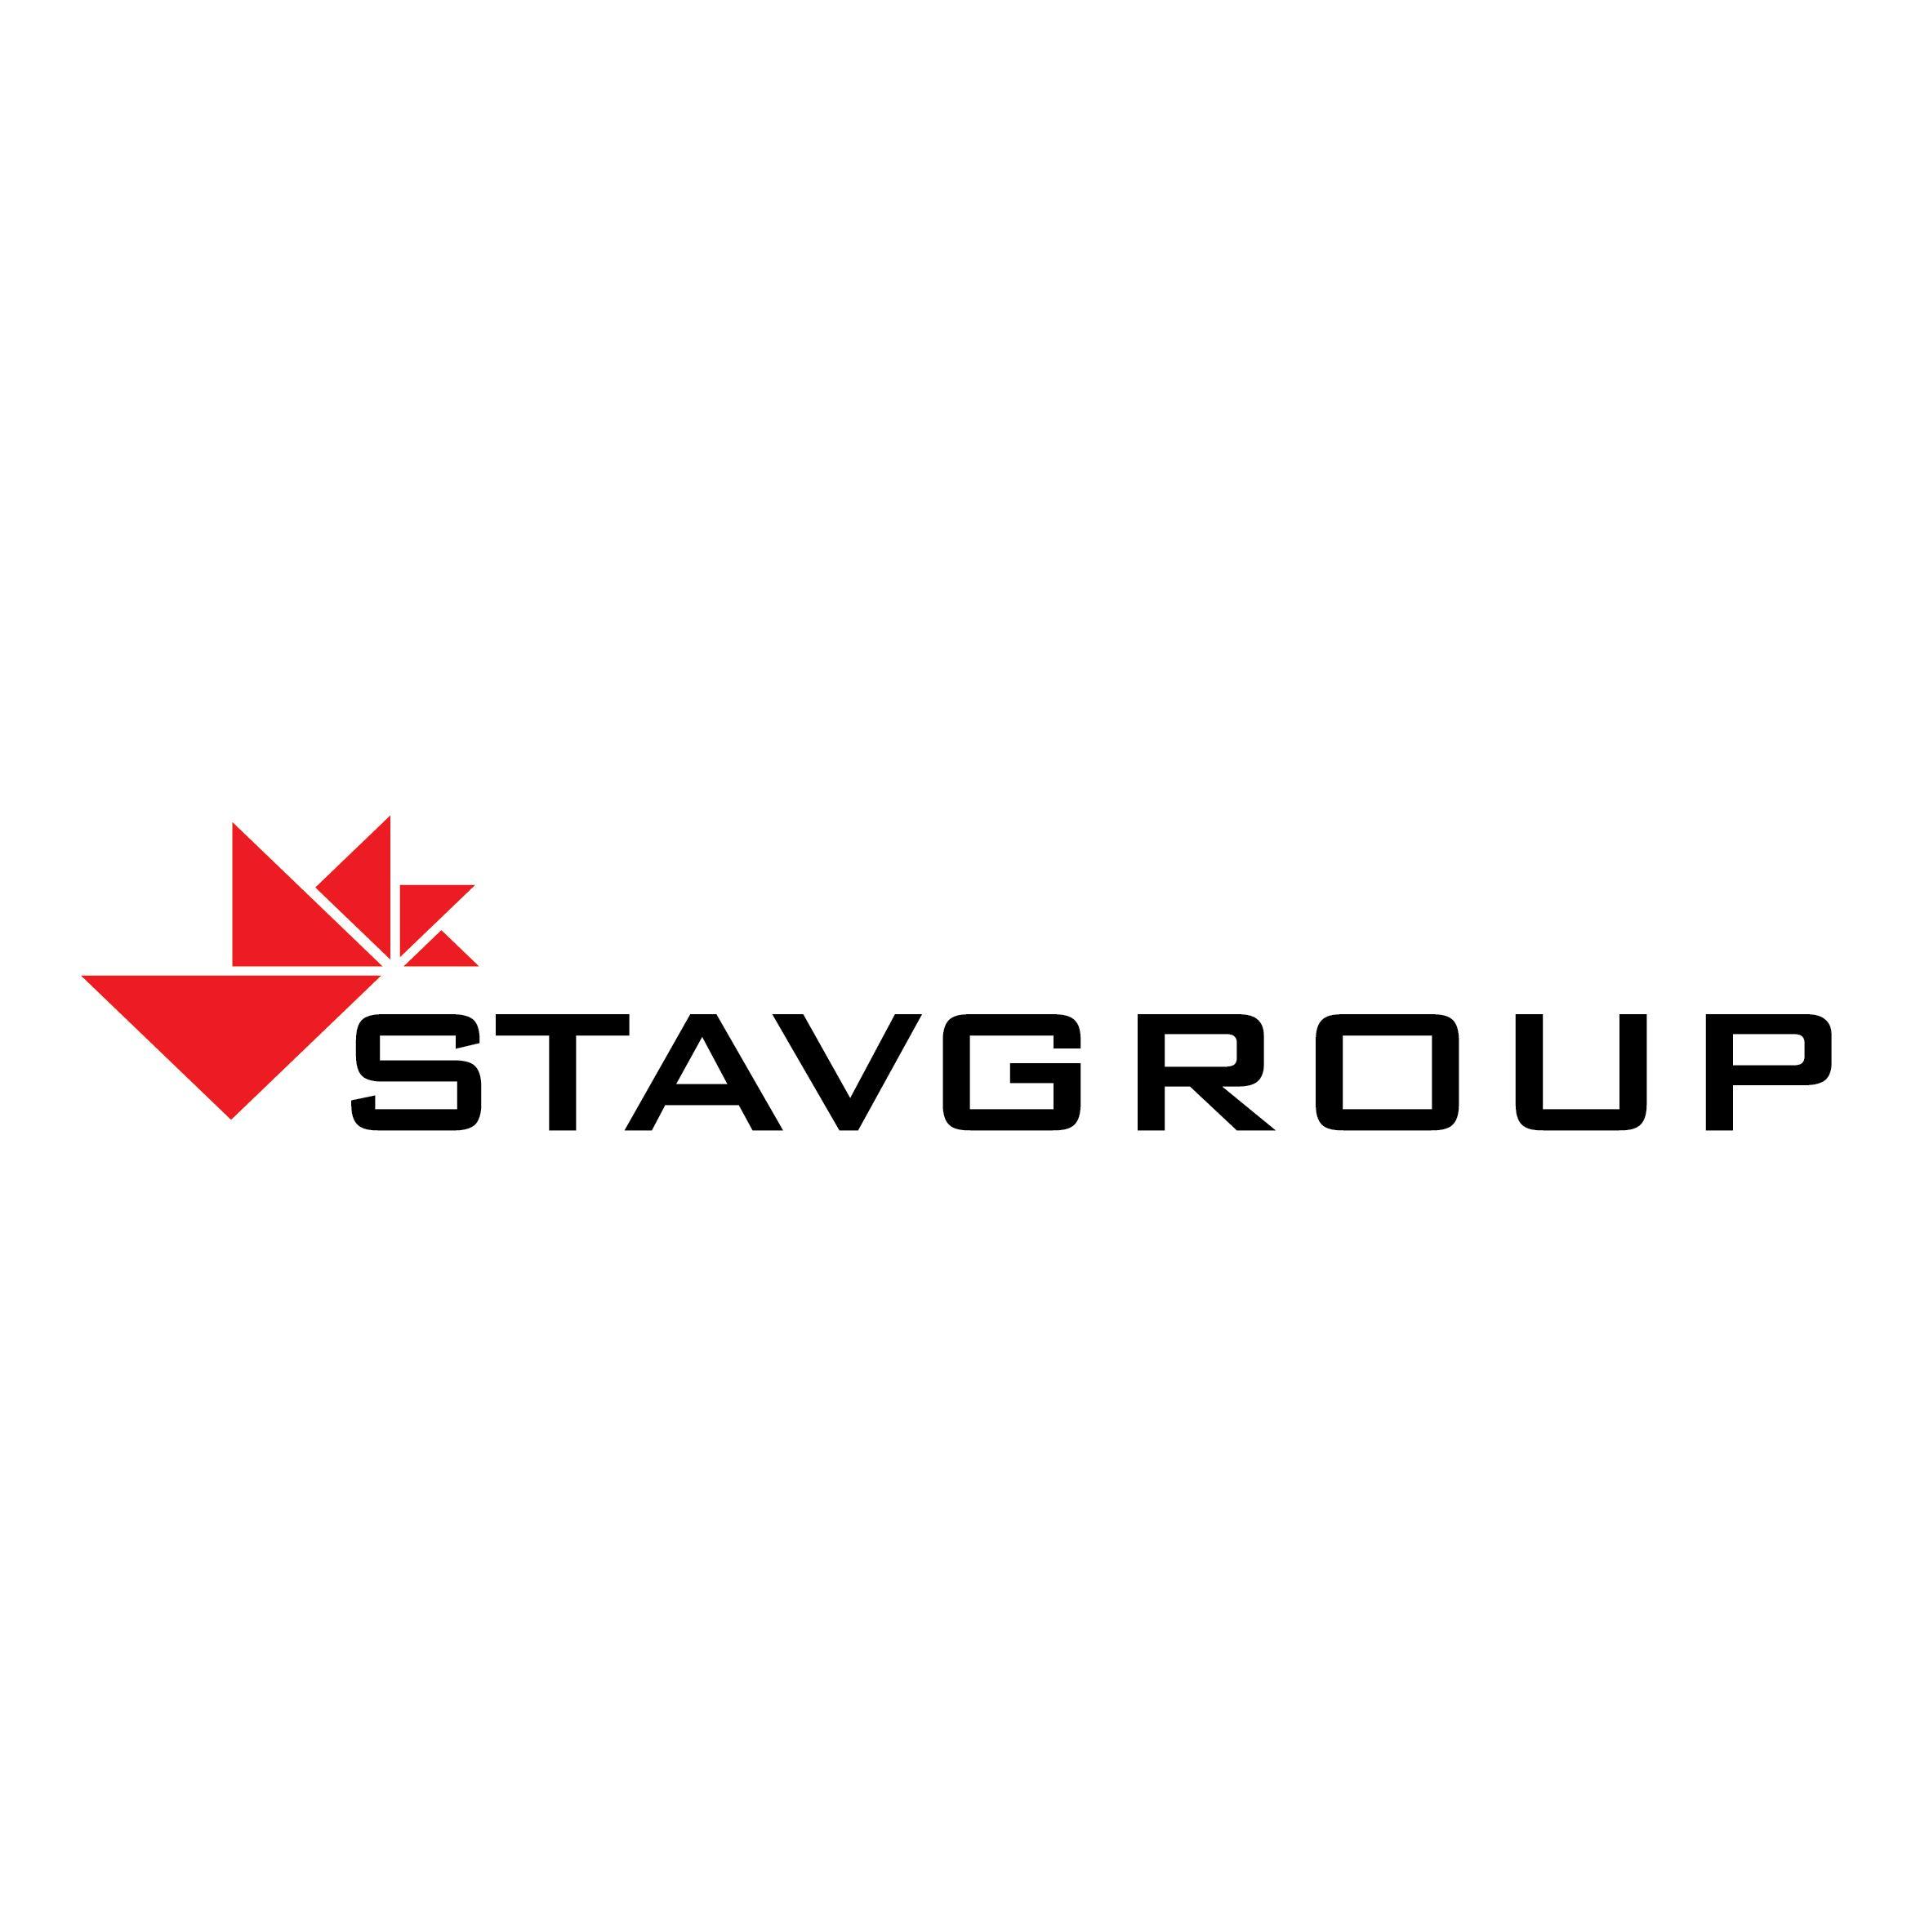 Лого и фирменный стиль для STAVGROUP - дизайнер kit-design